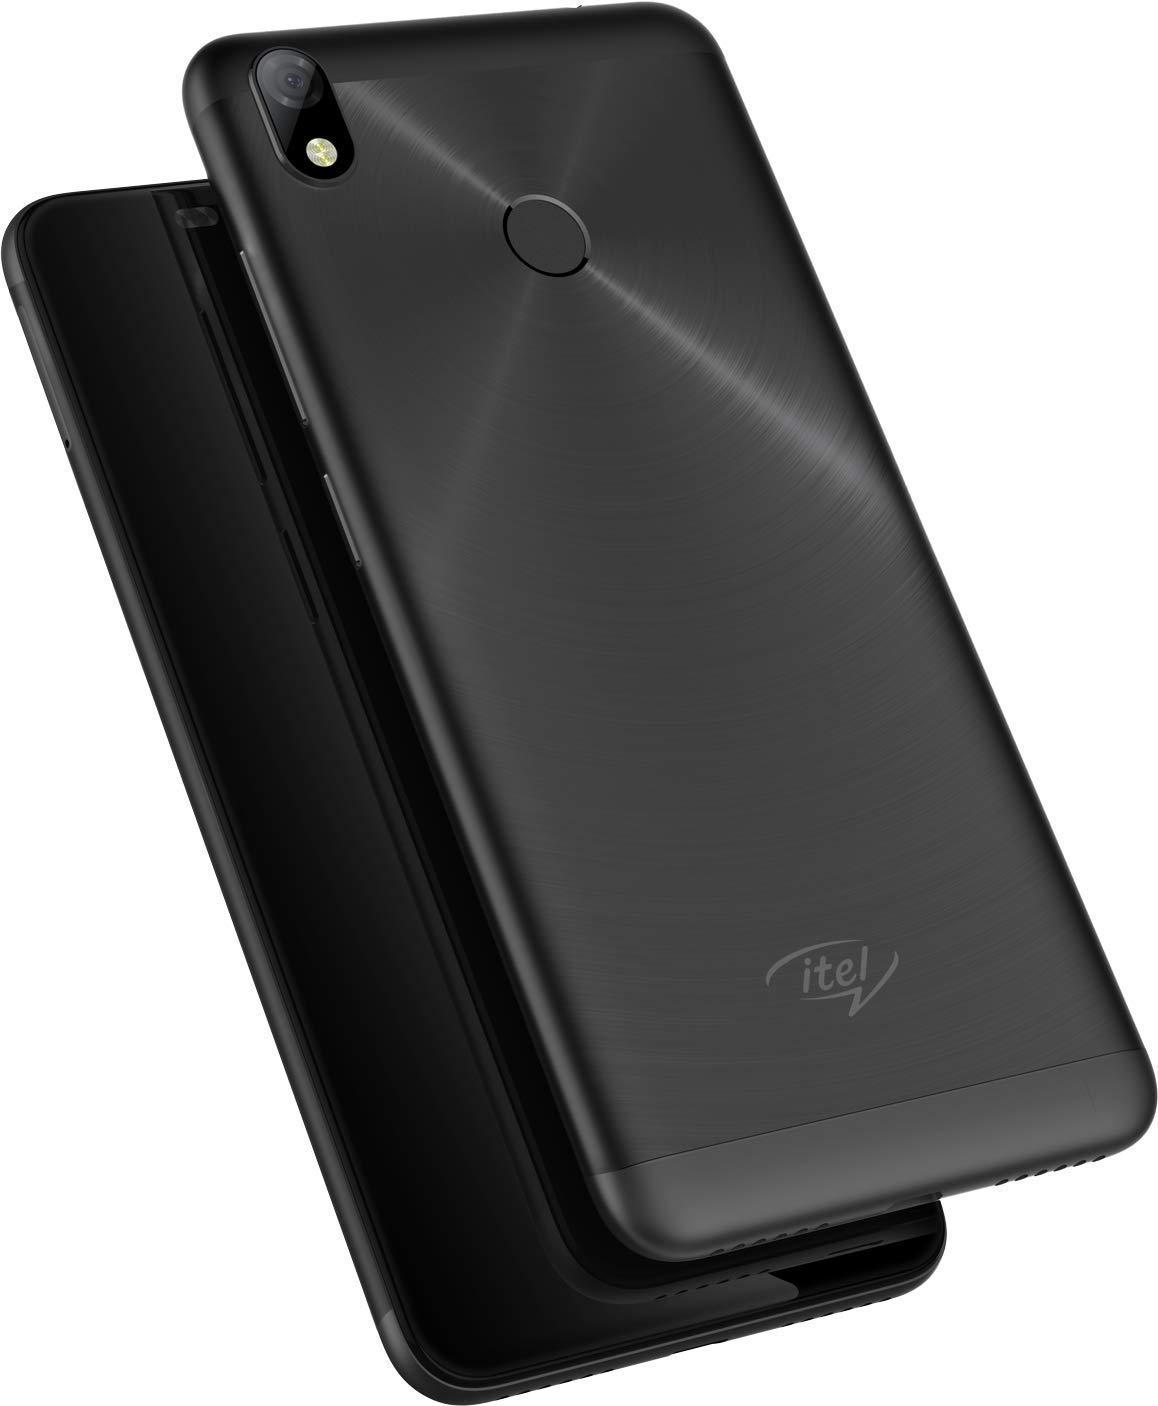 Itel S42 Smartphone 16GB ROM, 3GB RAM (Black)